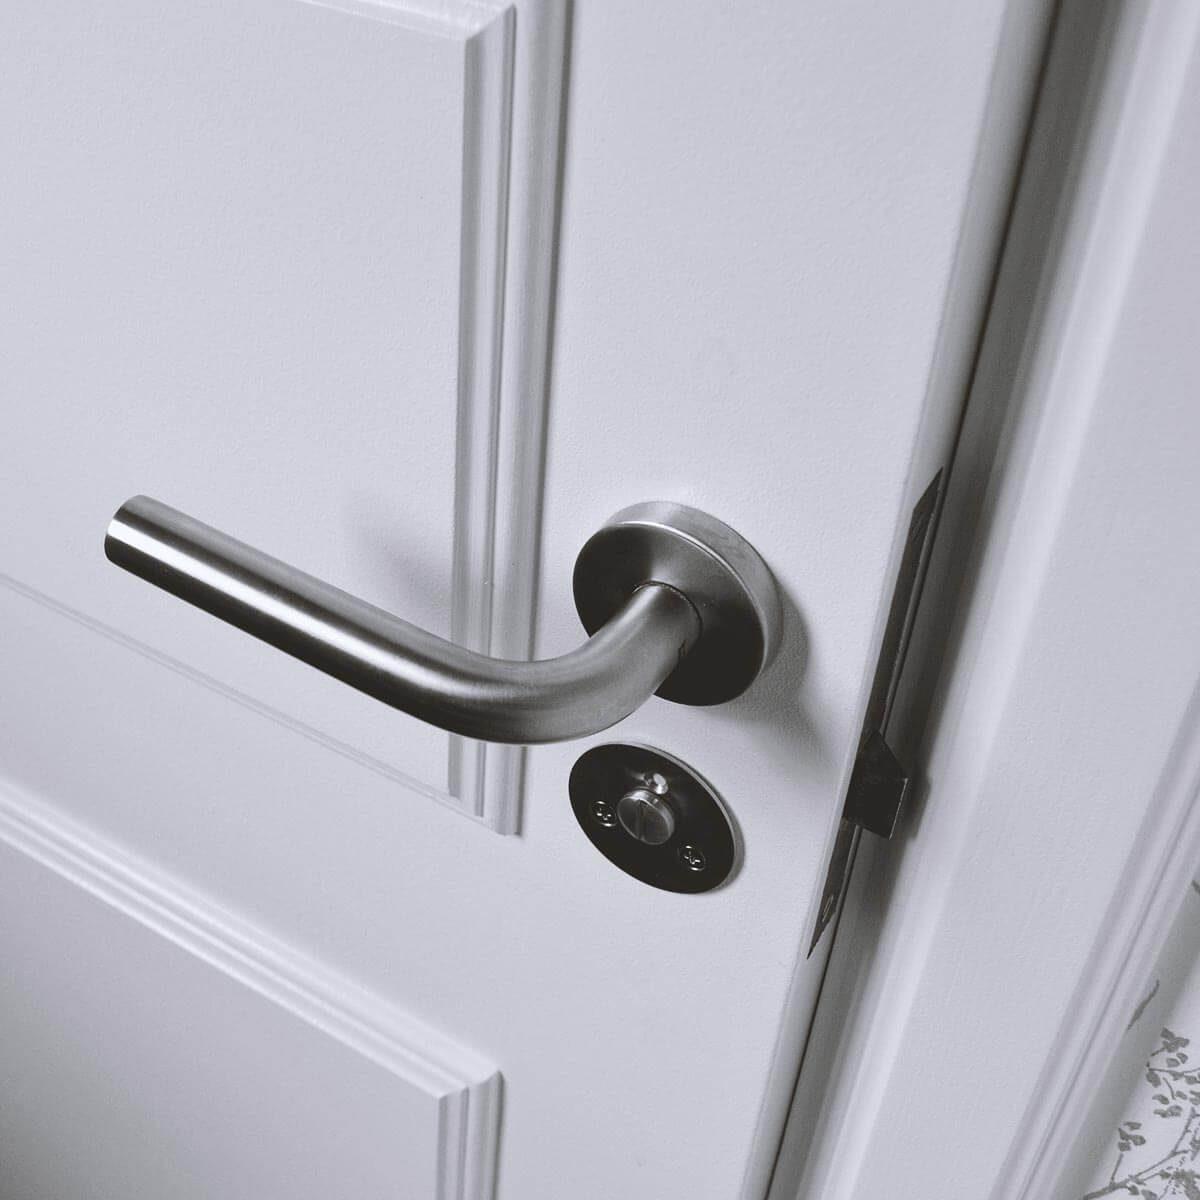 A nyitásérzékelő elhelyezhető ablakokra, bejárati ajtóra, gyerekkapura egy lépcsőfeljáróhoz, de akár a hűtőre és fagyasztóra is. A telefonra letölthető alkalmazás a nyitás állapotát jelzi.